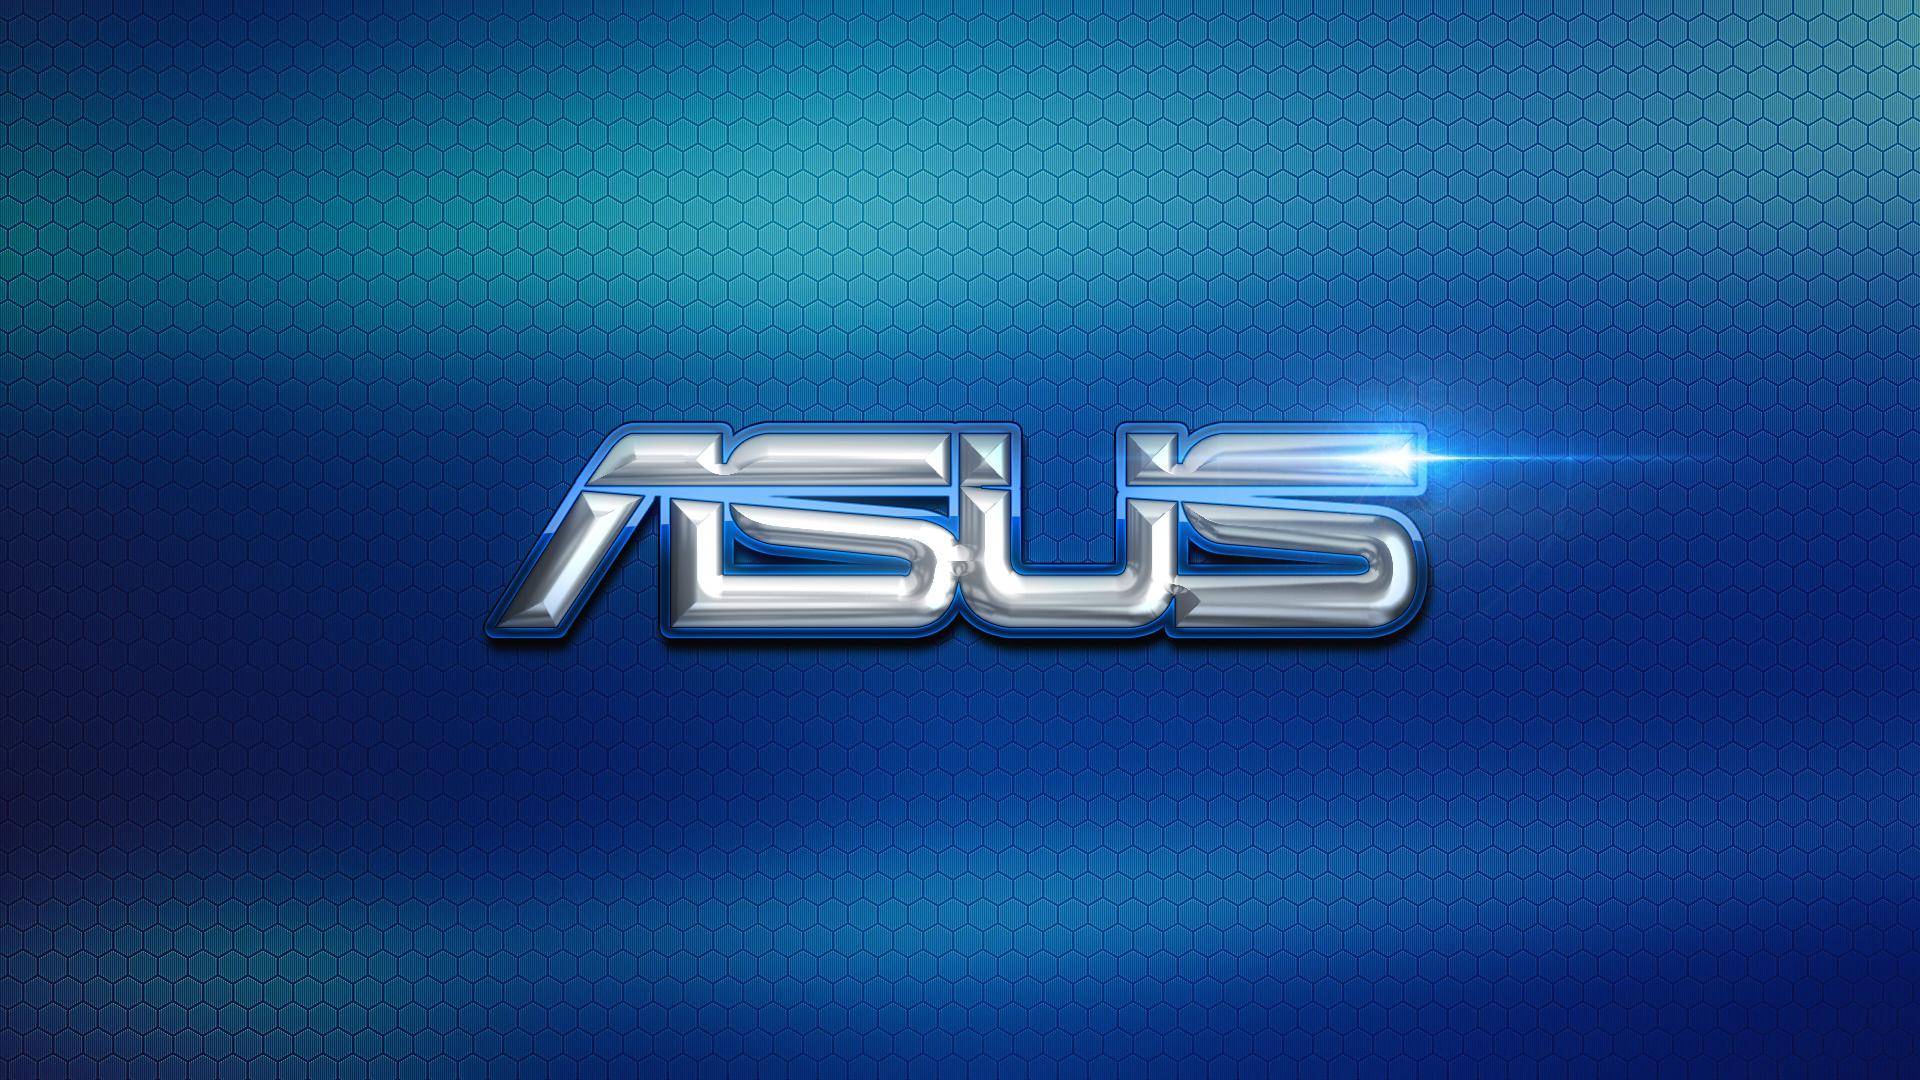 Asus Logos Download